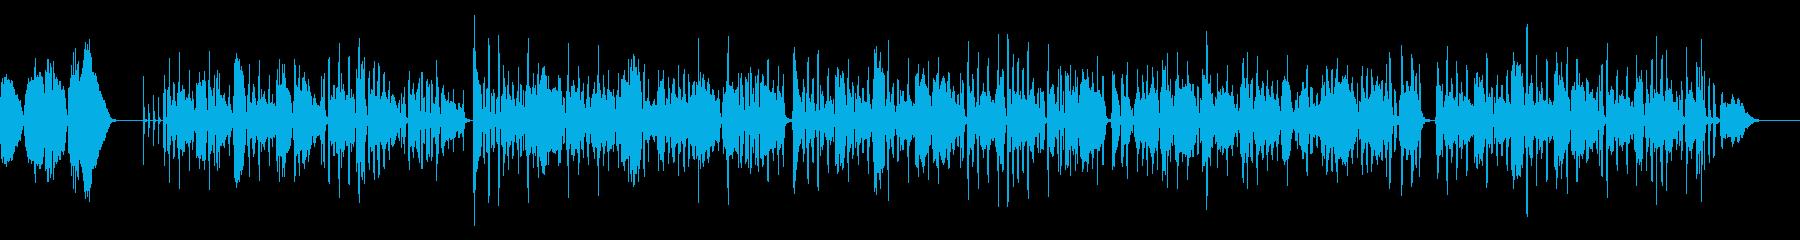 夕暮散歩をイメージしたアコーディオン曲の再生済みの波形